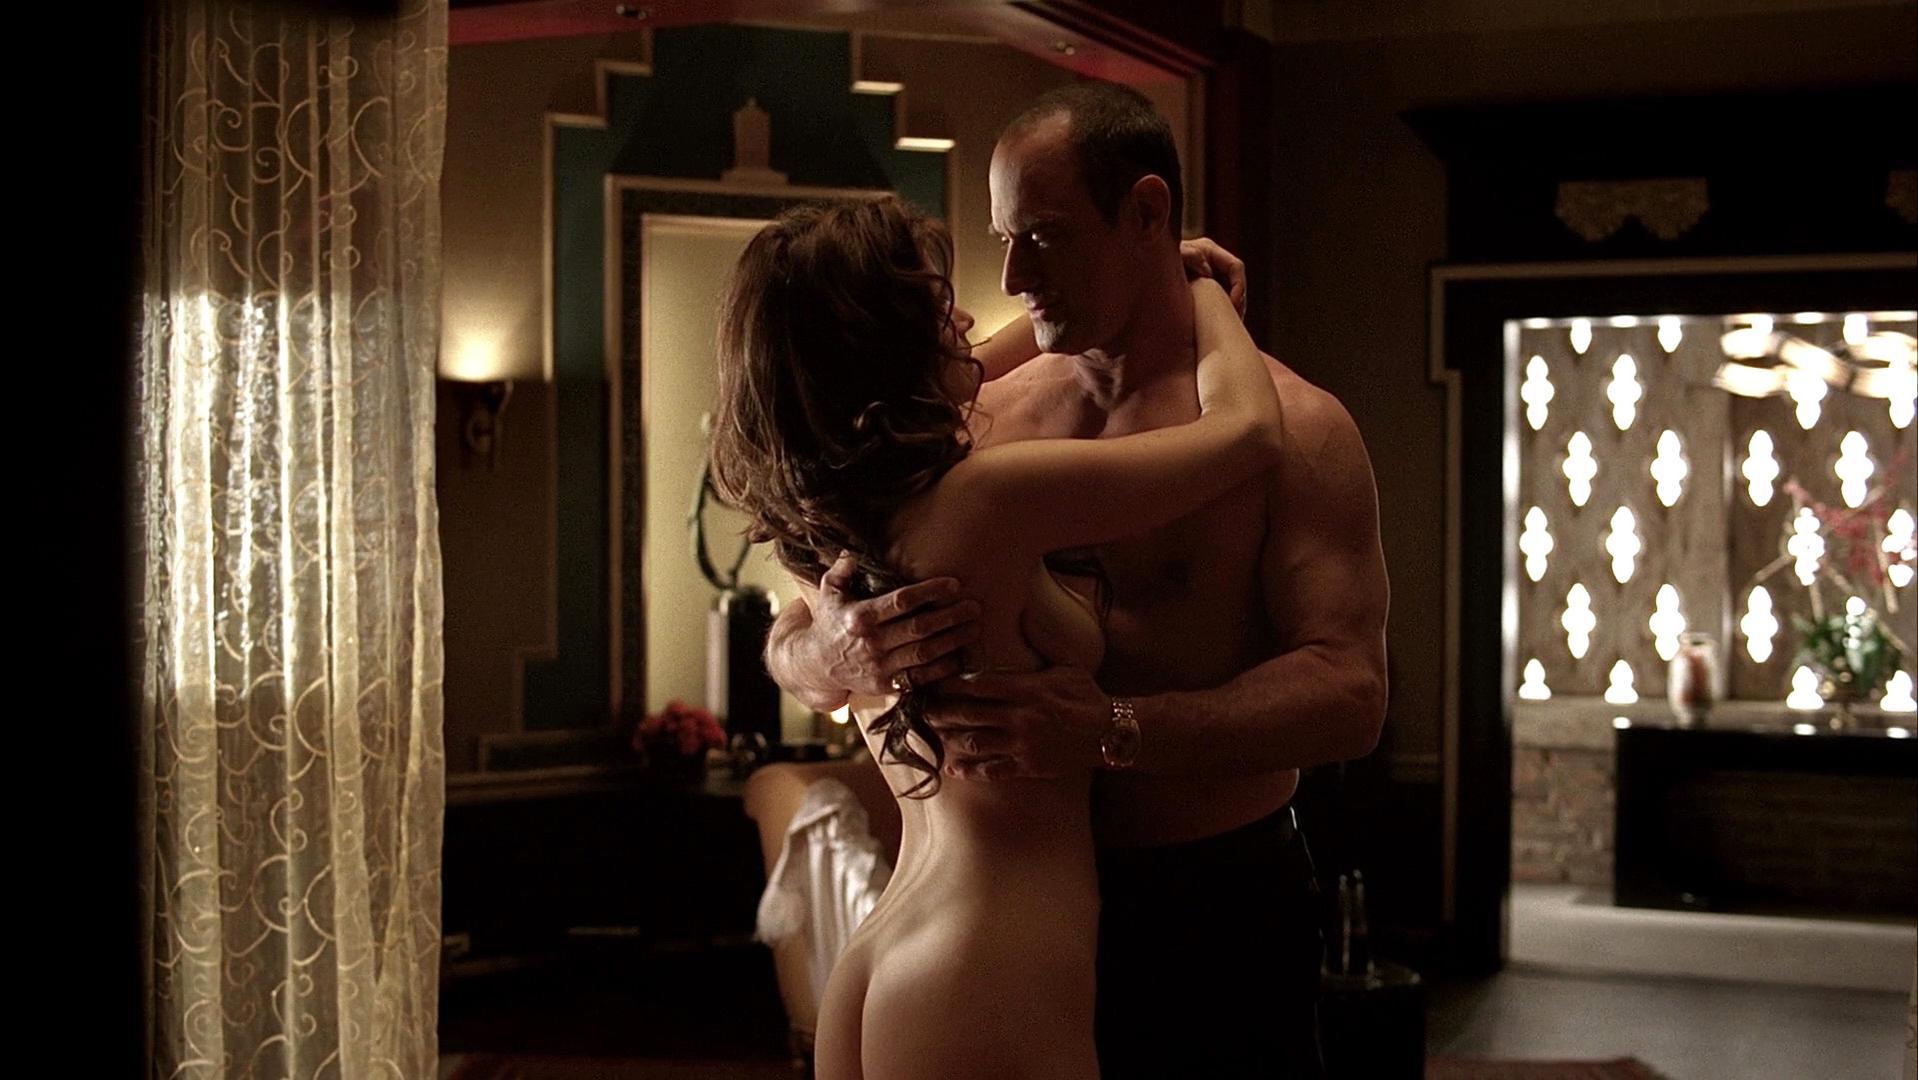 Valentina Cervi nude - True Blood s05 (2012)